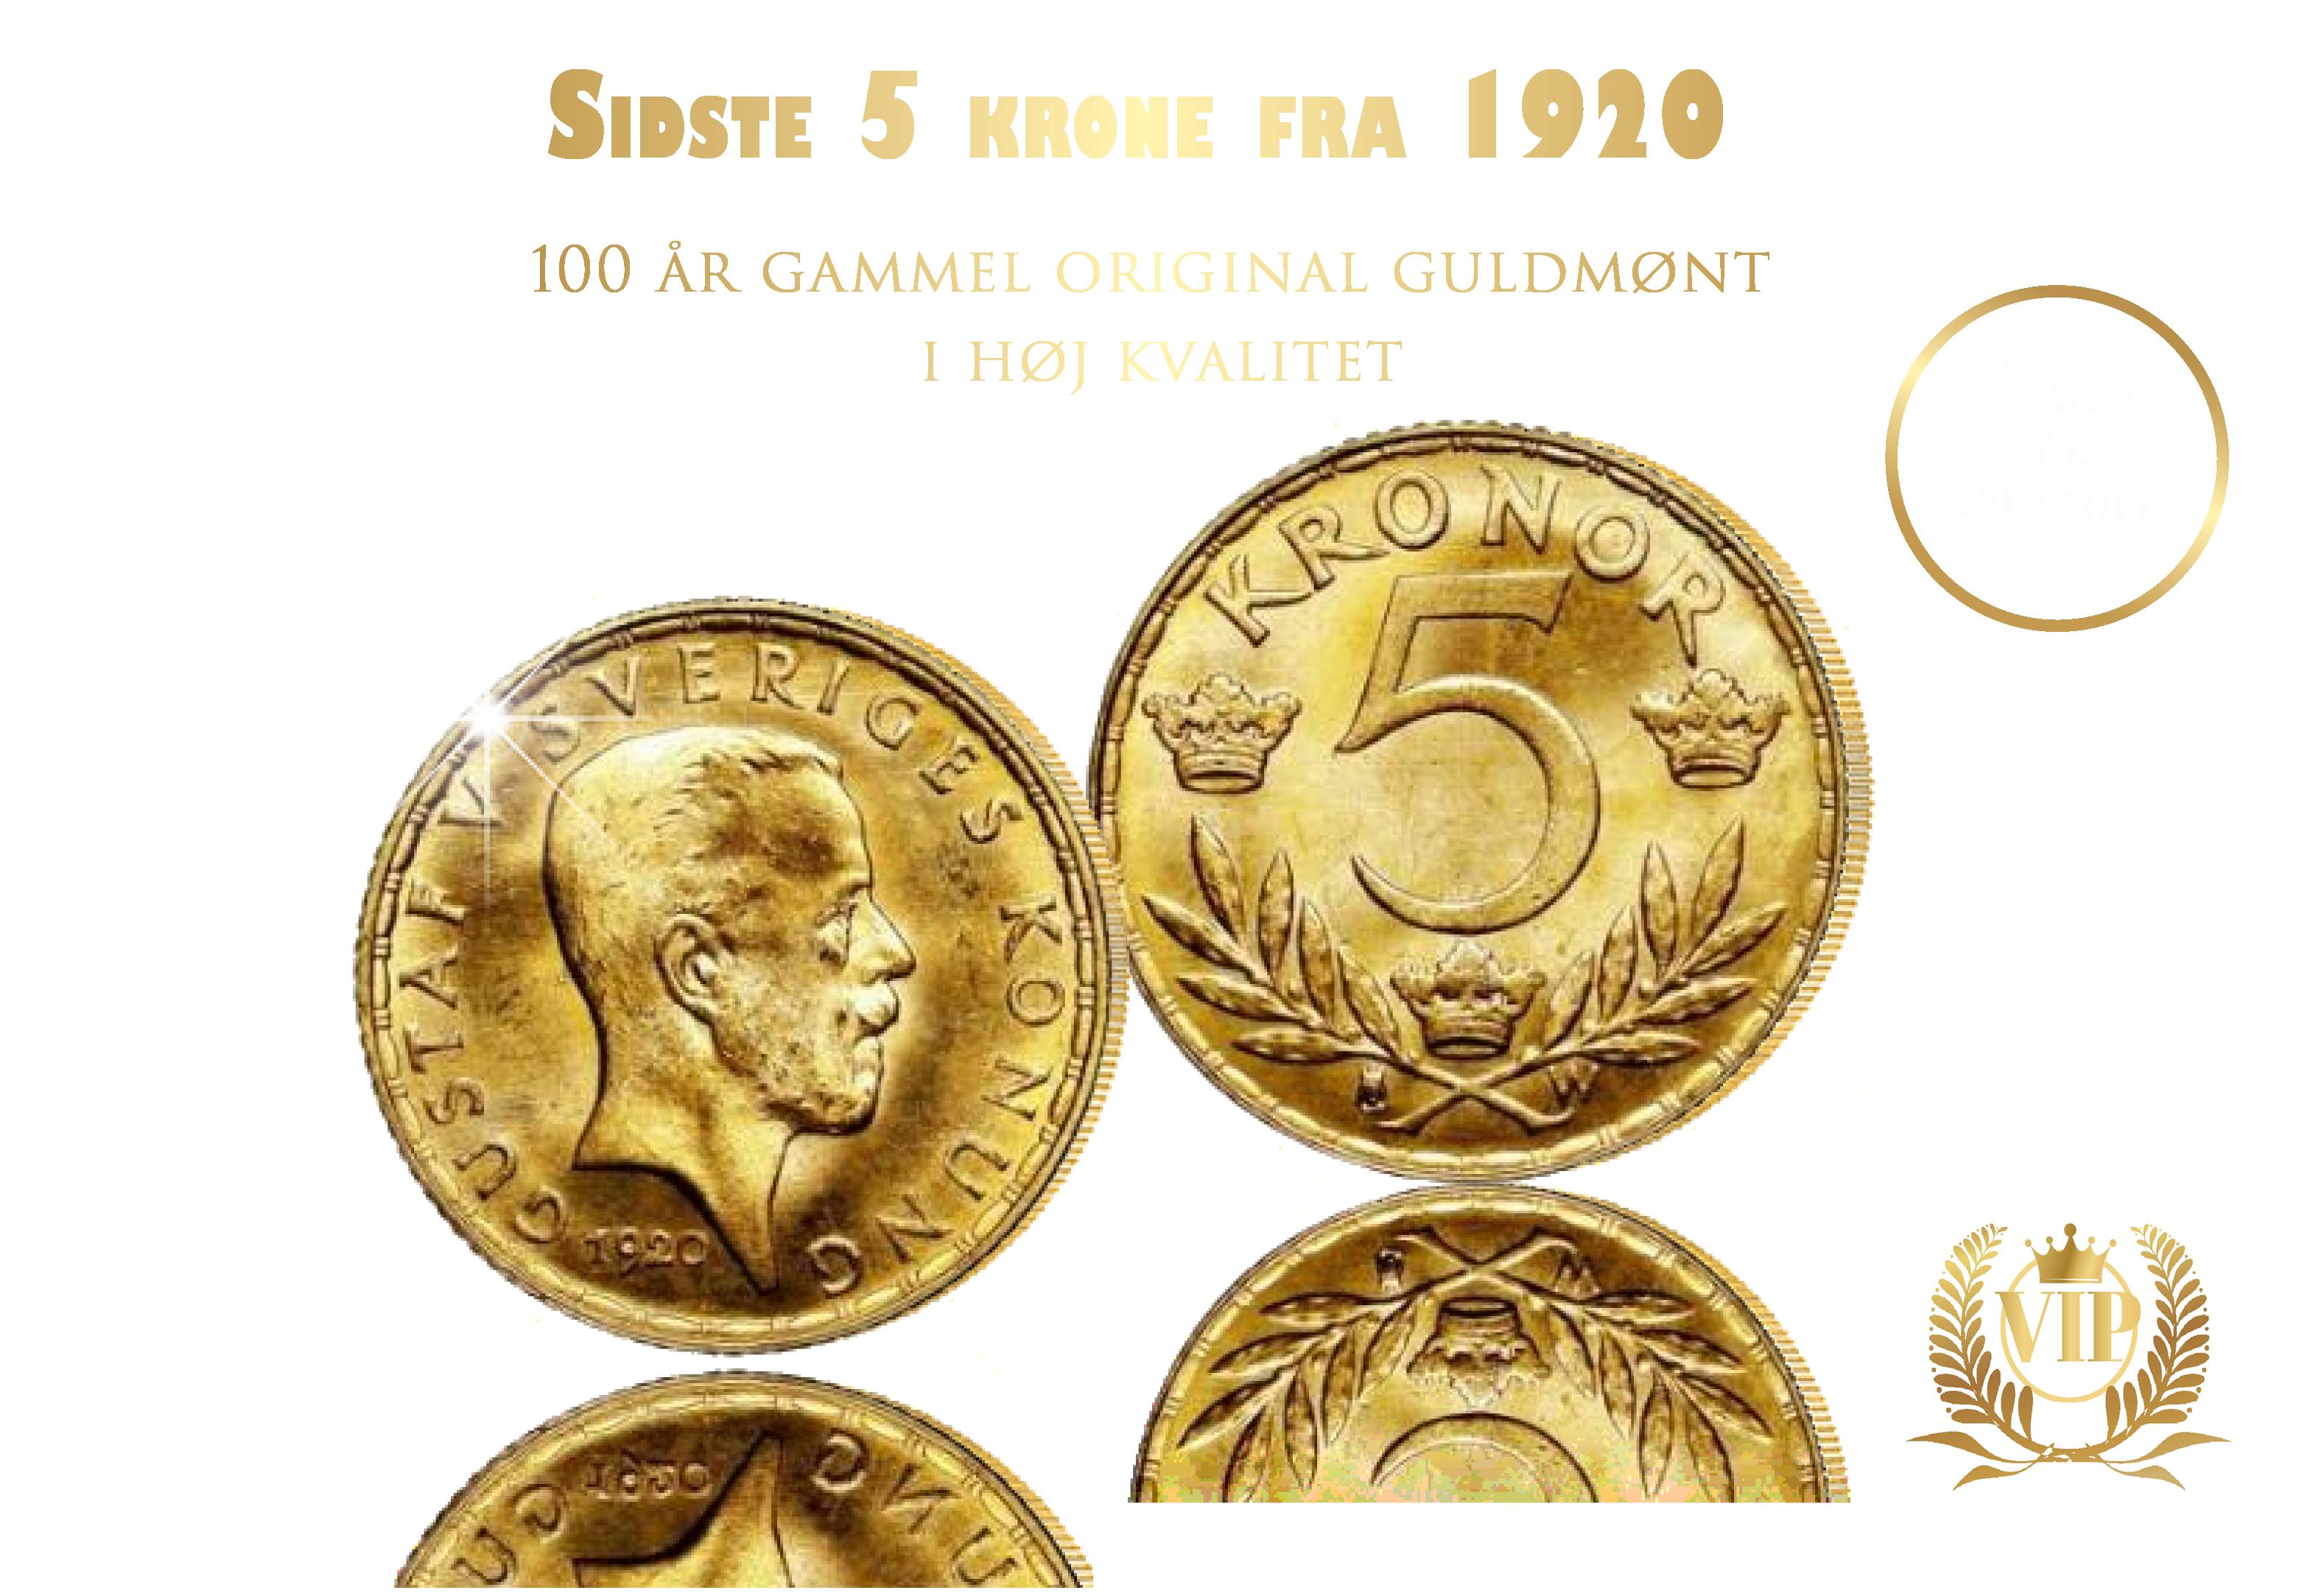 Den eneste 5-krone i guld med Dronningens bedstefar